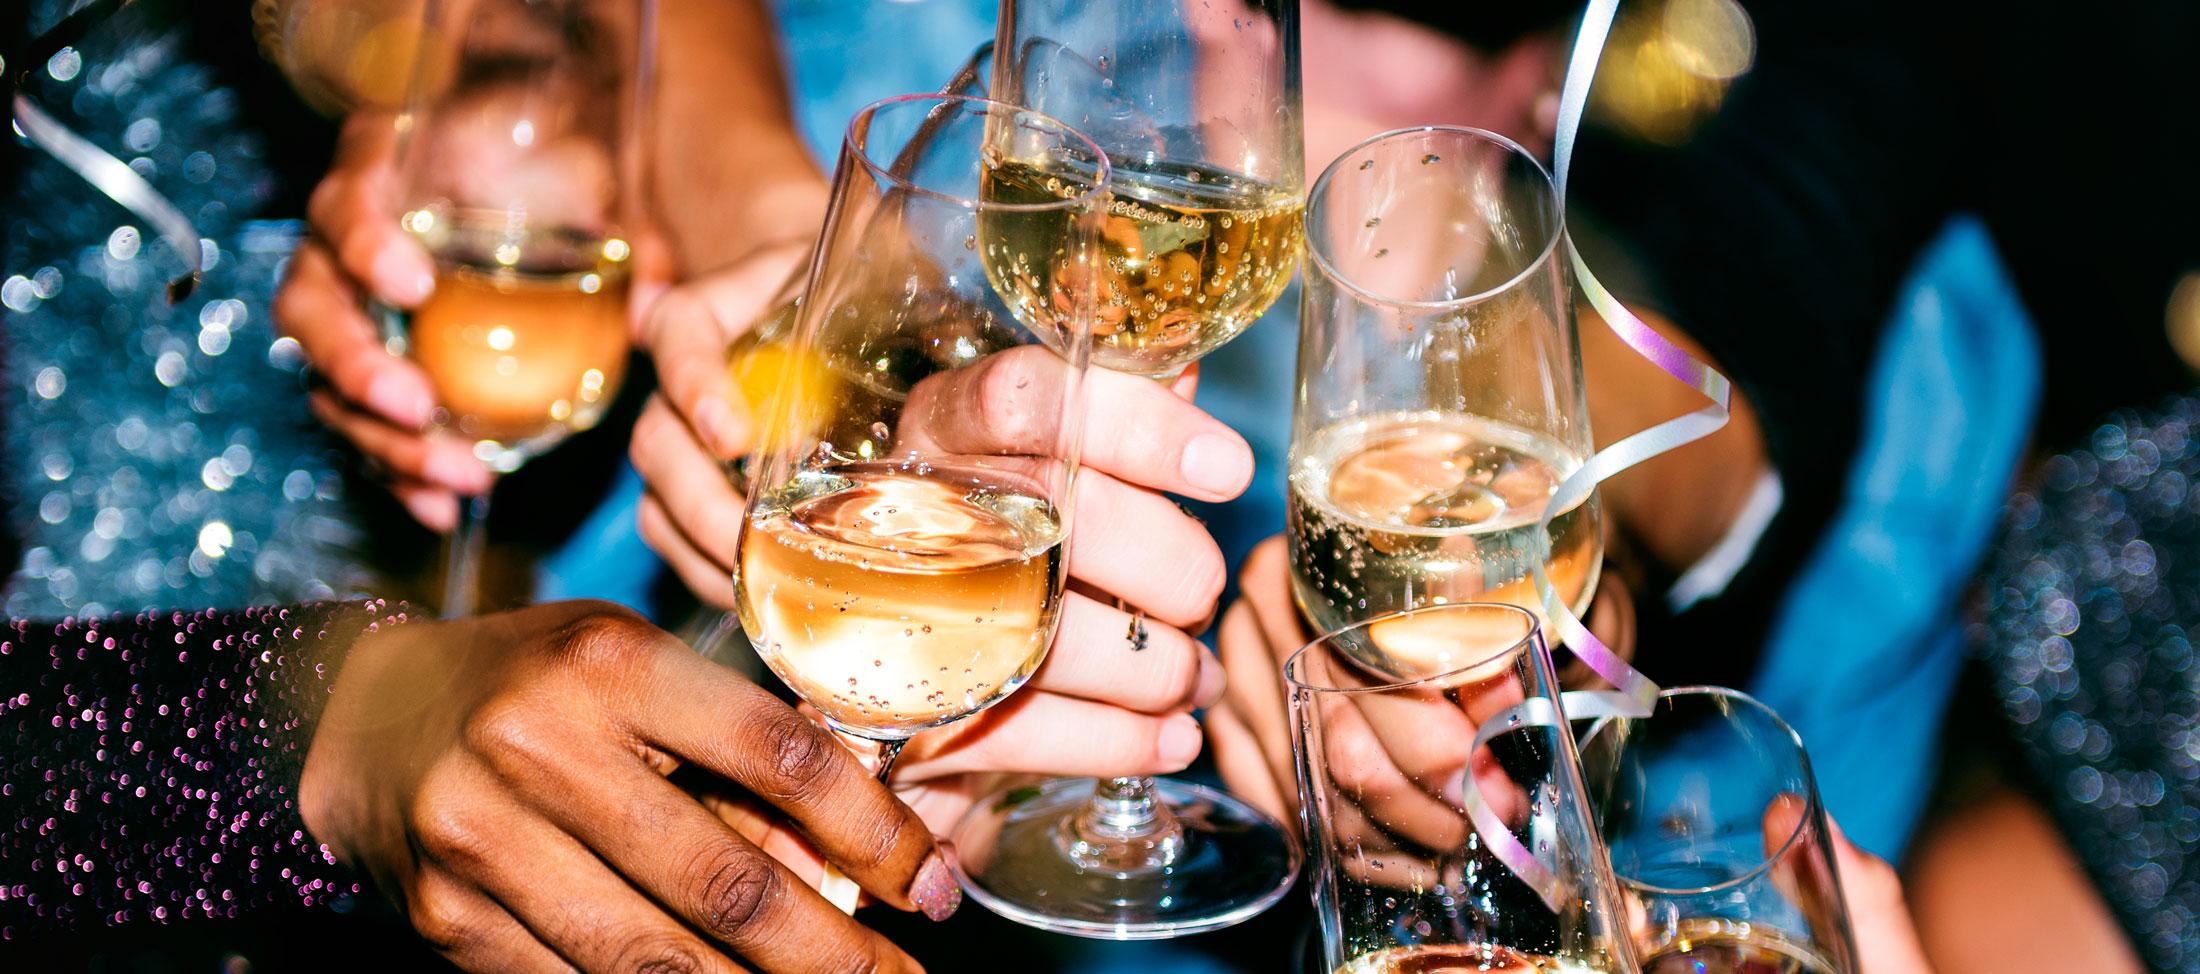 organización de eventos en Málaga - cenas con amigos o en pareja